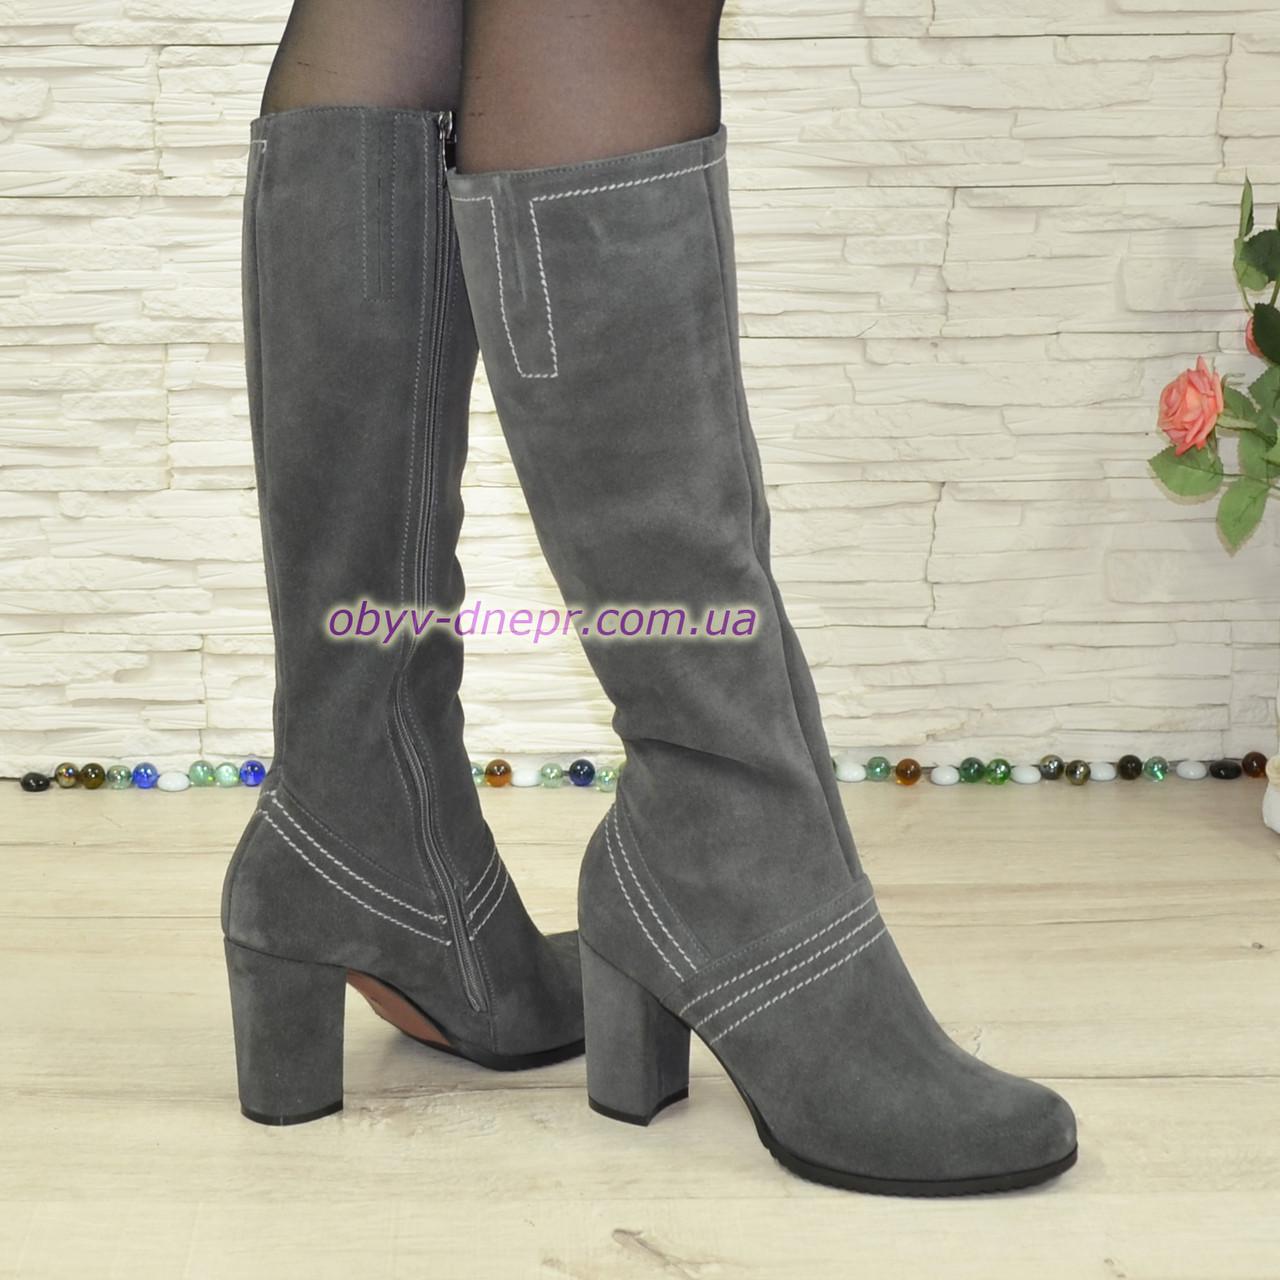 Сапоги женские замшевые на устойчивом каблуке, цвет серый